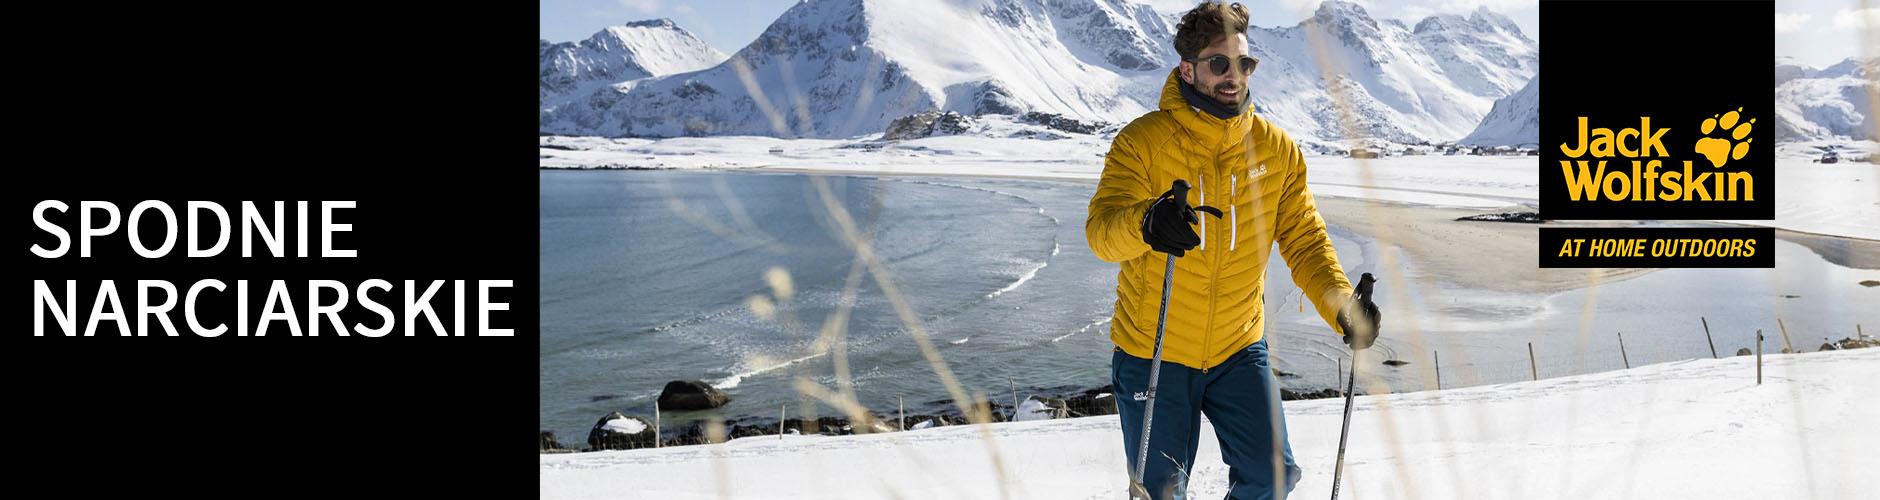 Spodnie narciarskie Jack Wolfskin